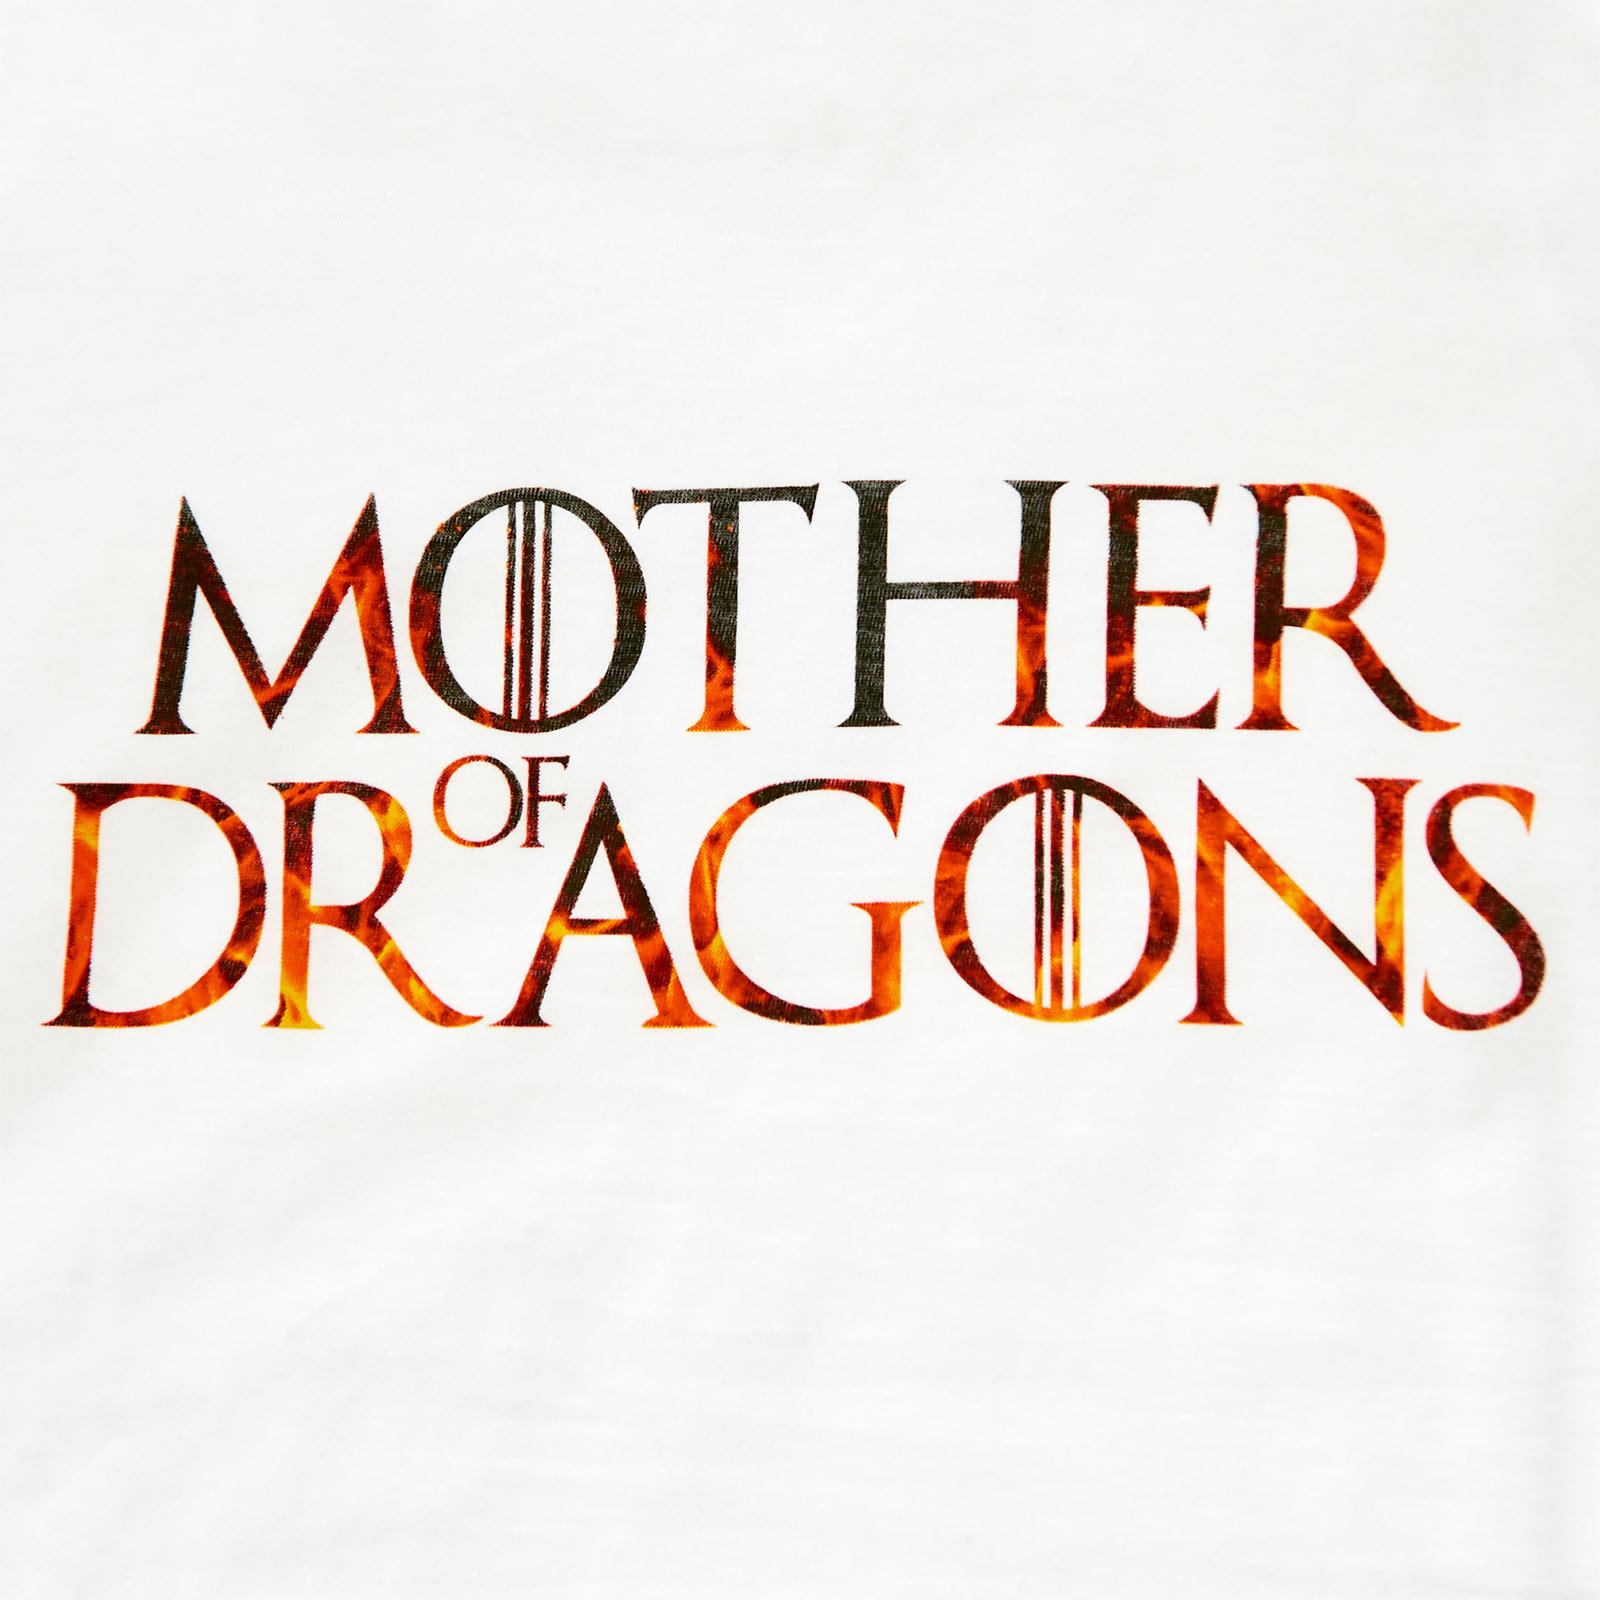 Mother Of Dragons - T-Shirt Damen weiß